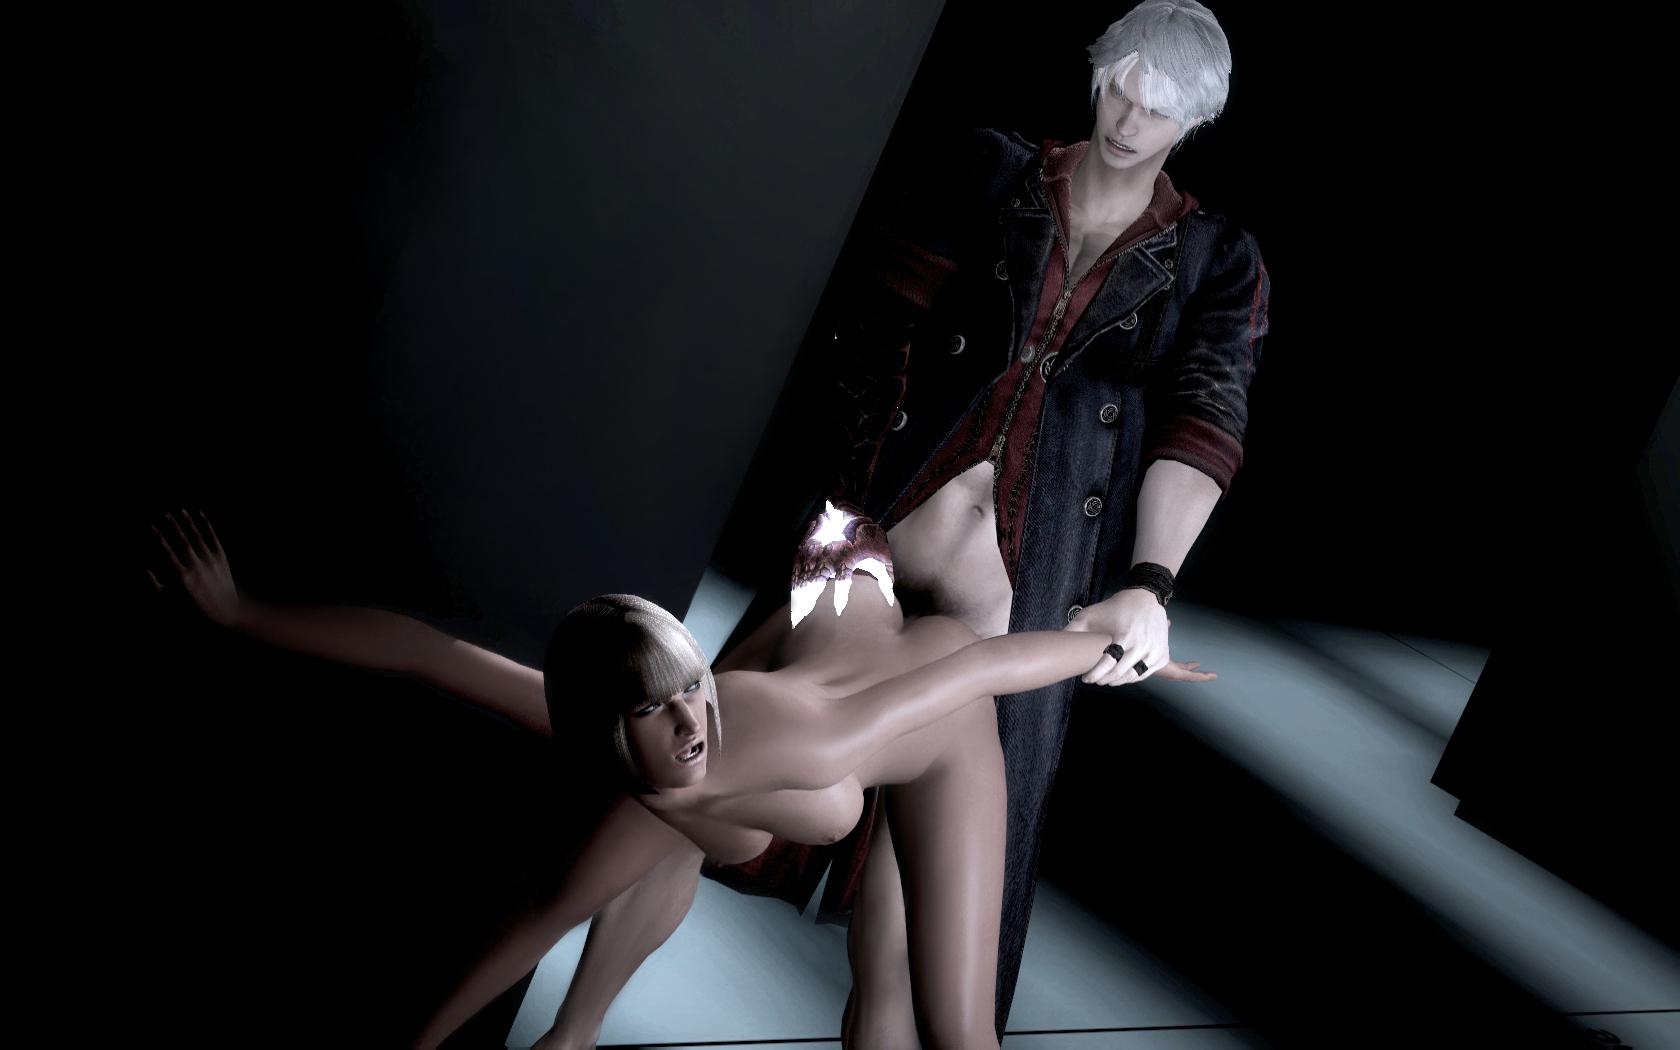 Dmc4 nude porn exploited clip